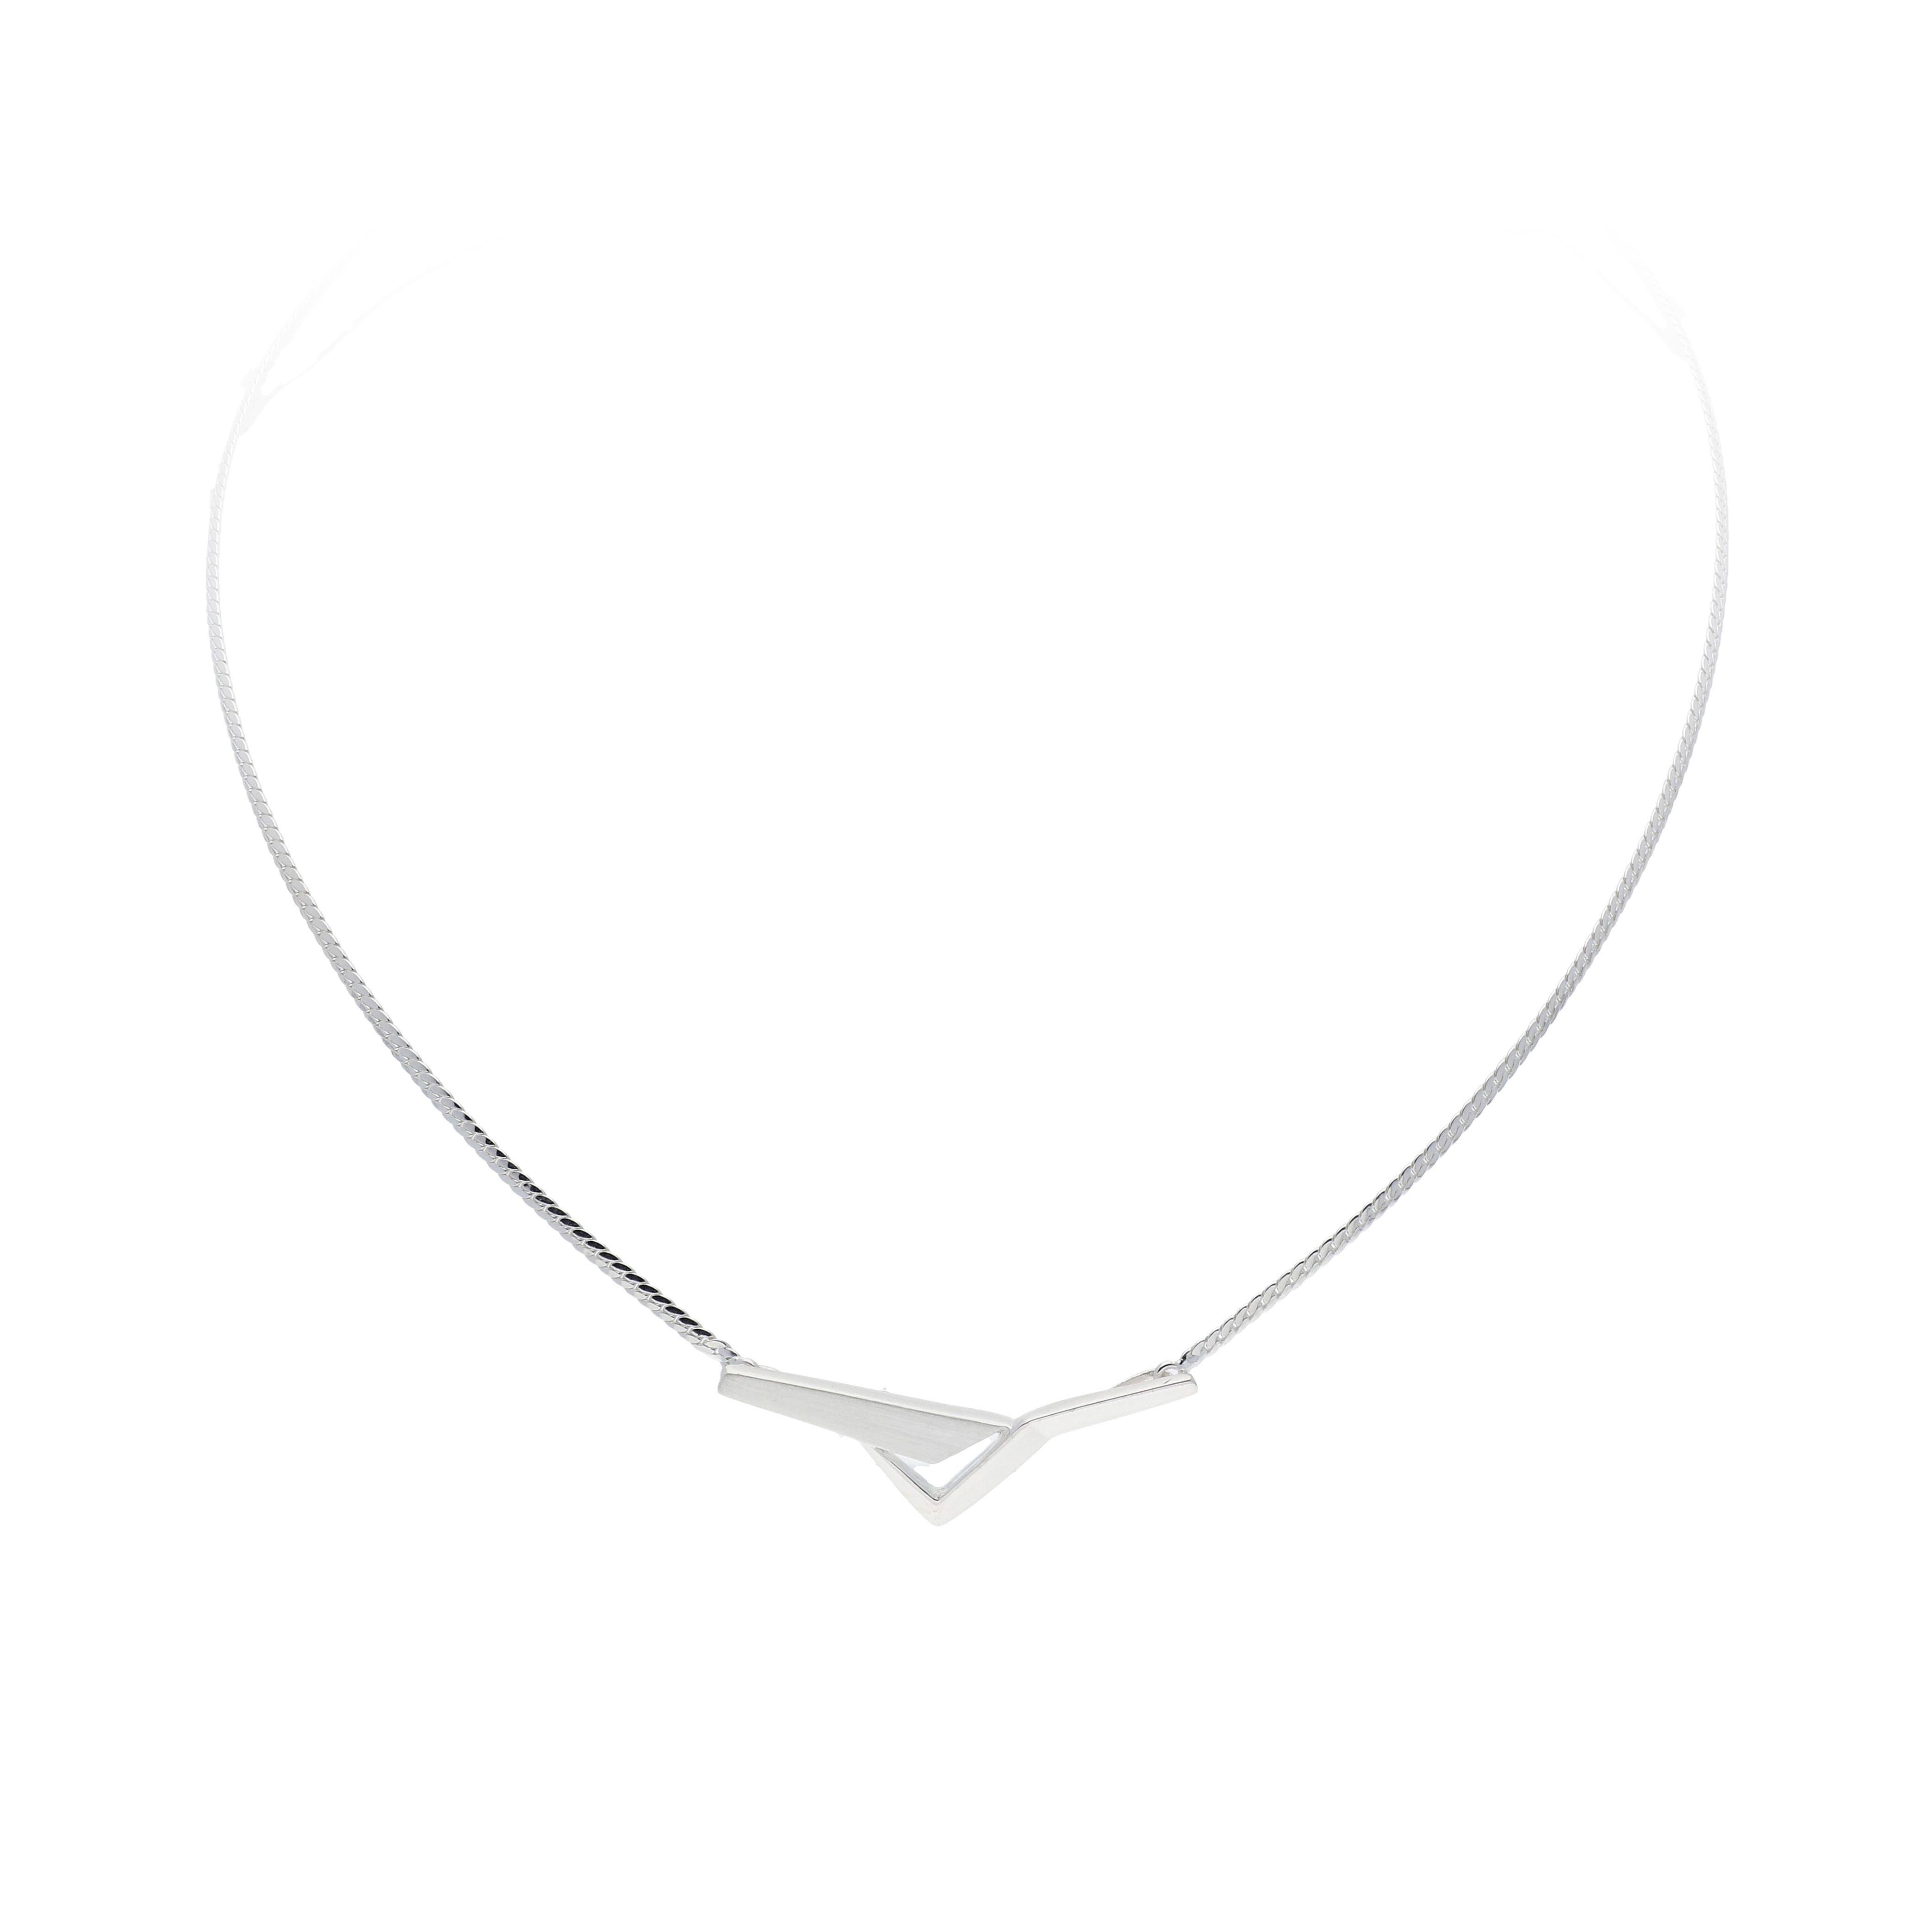 Afbeelding van Best Basics Ketting zilver met tussenstuk 103.0712.45